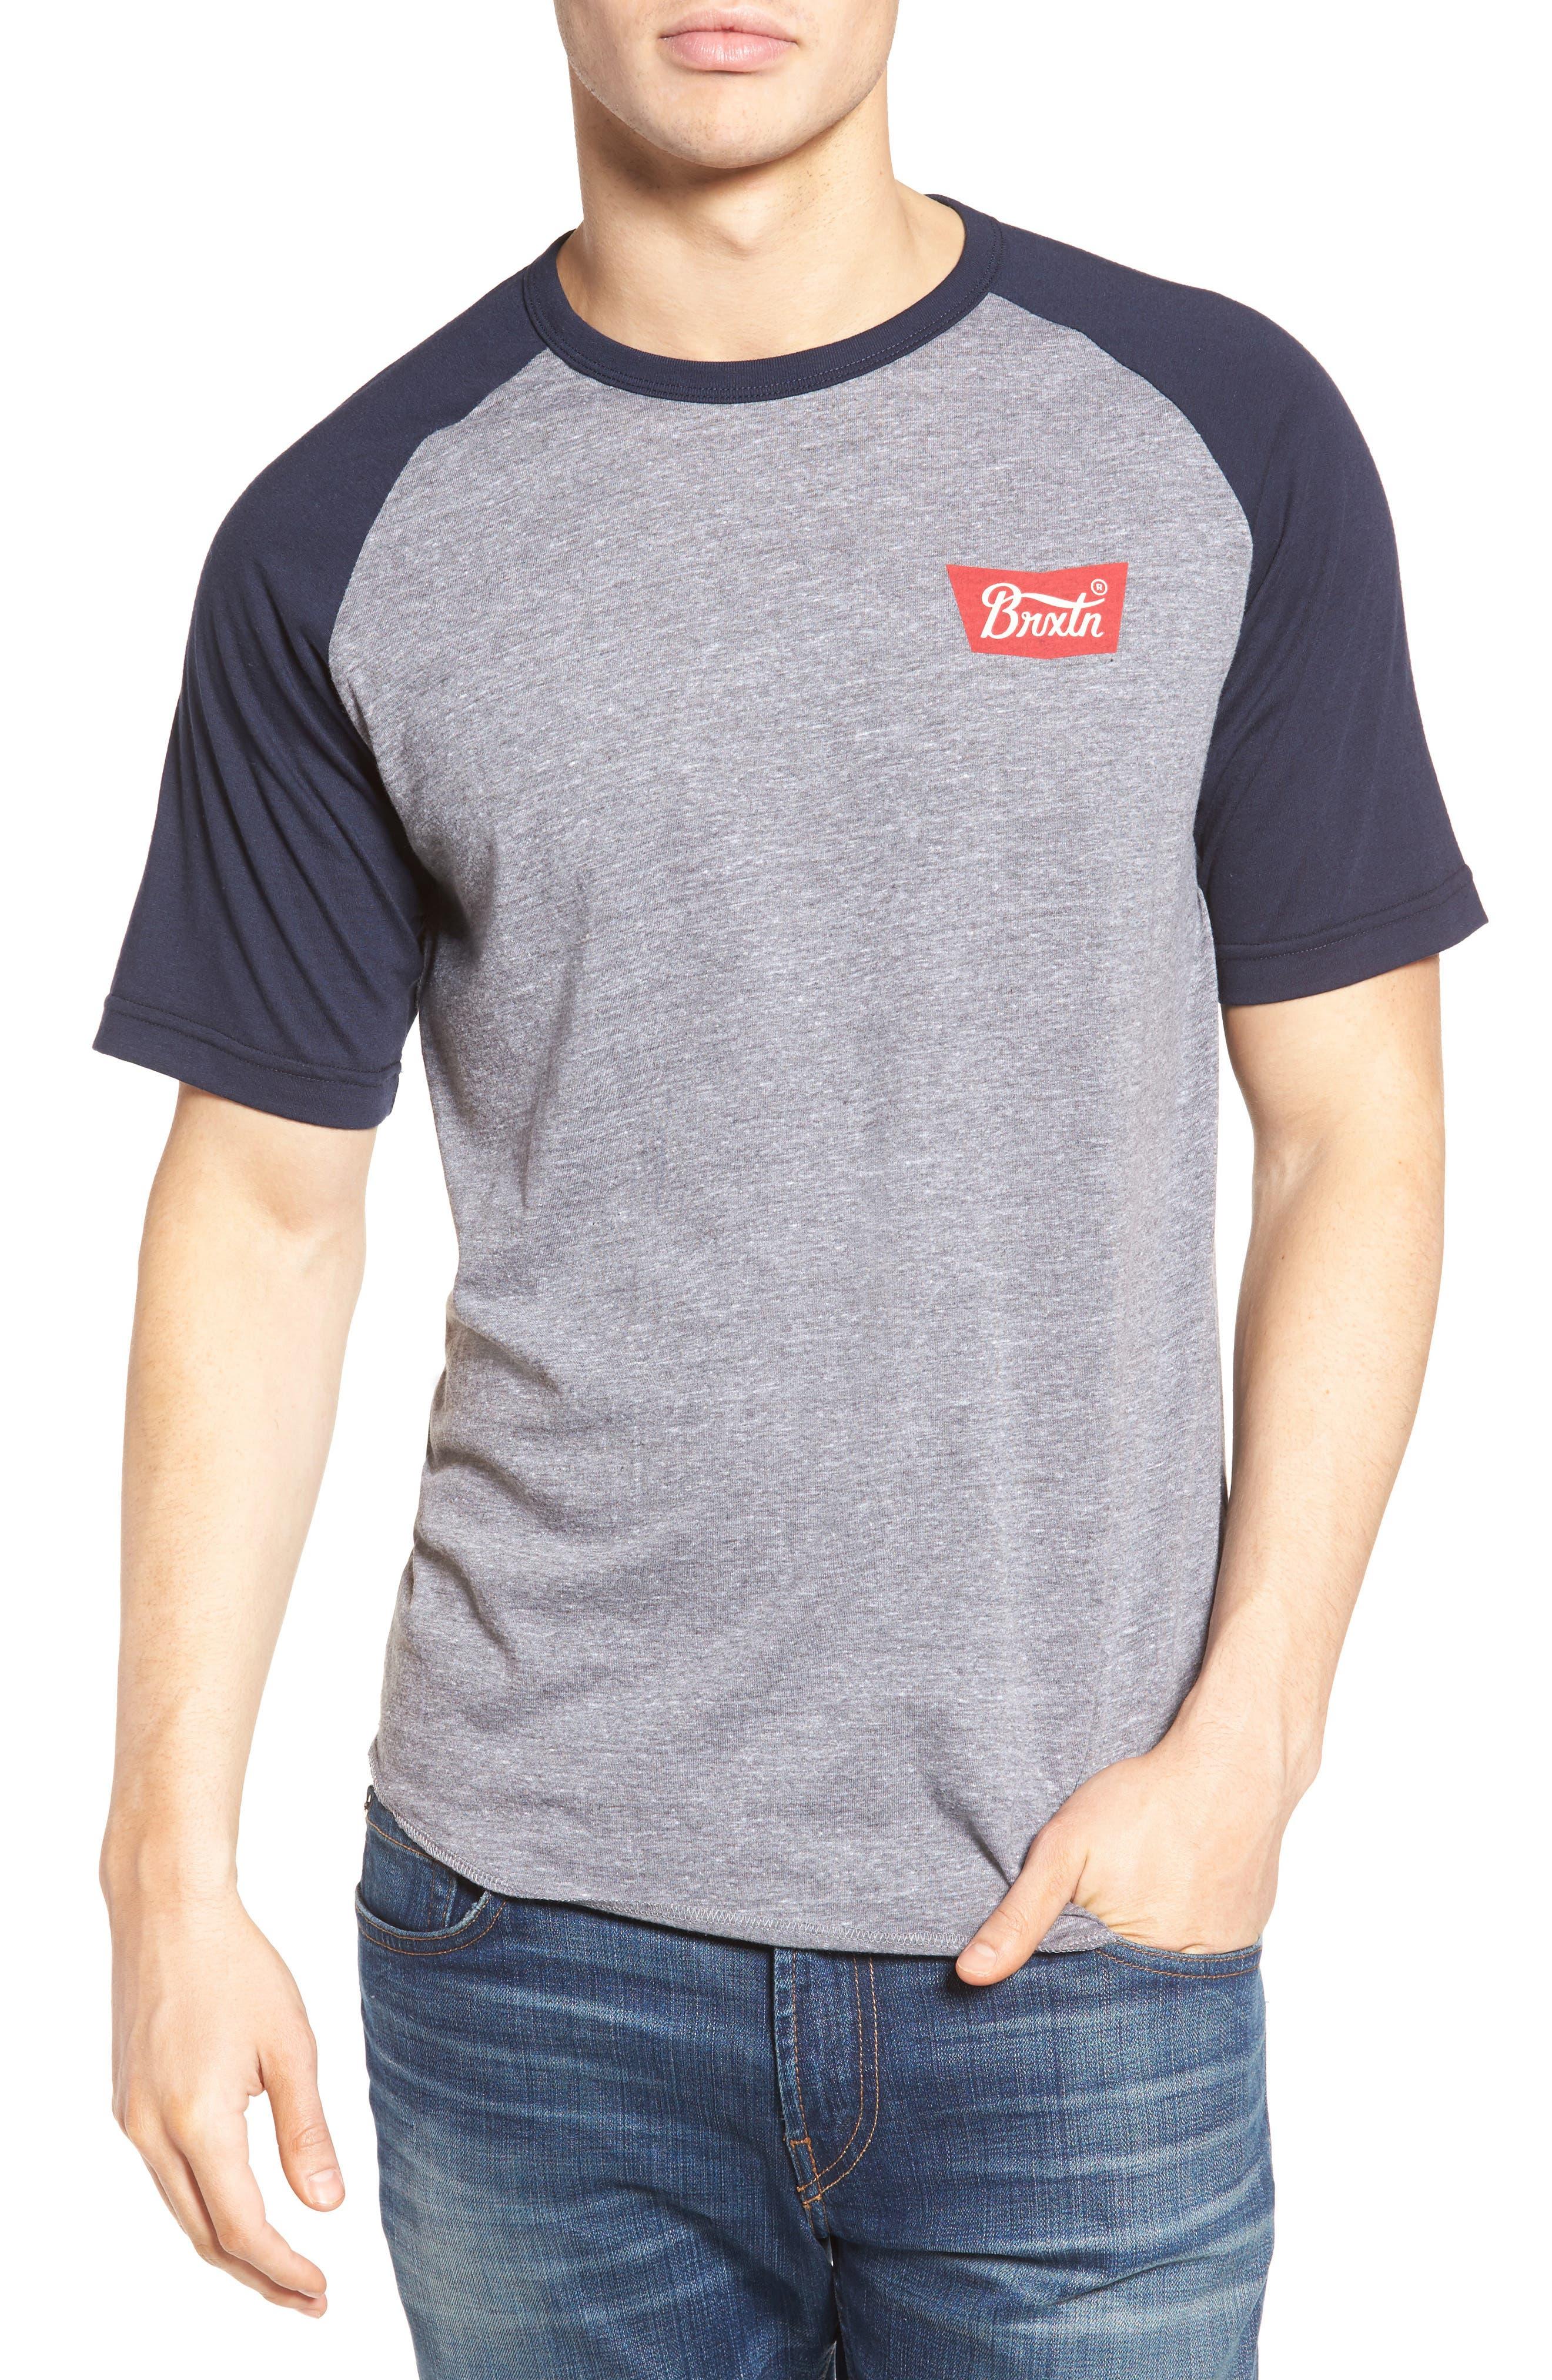 Brixton Stitch Logo T-Shirt